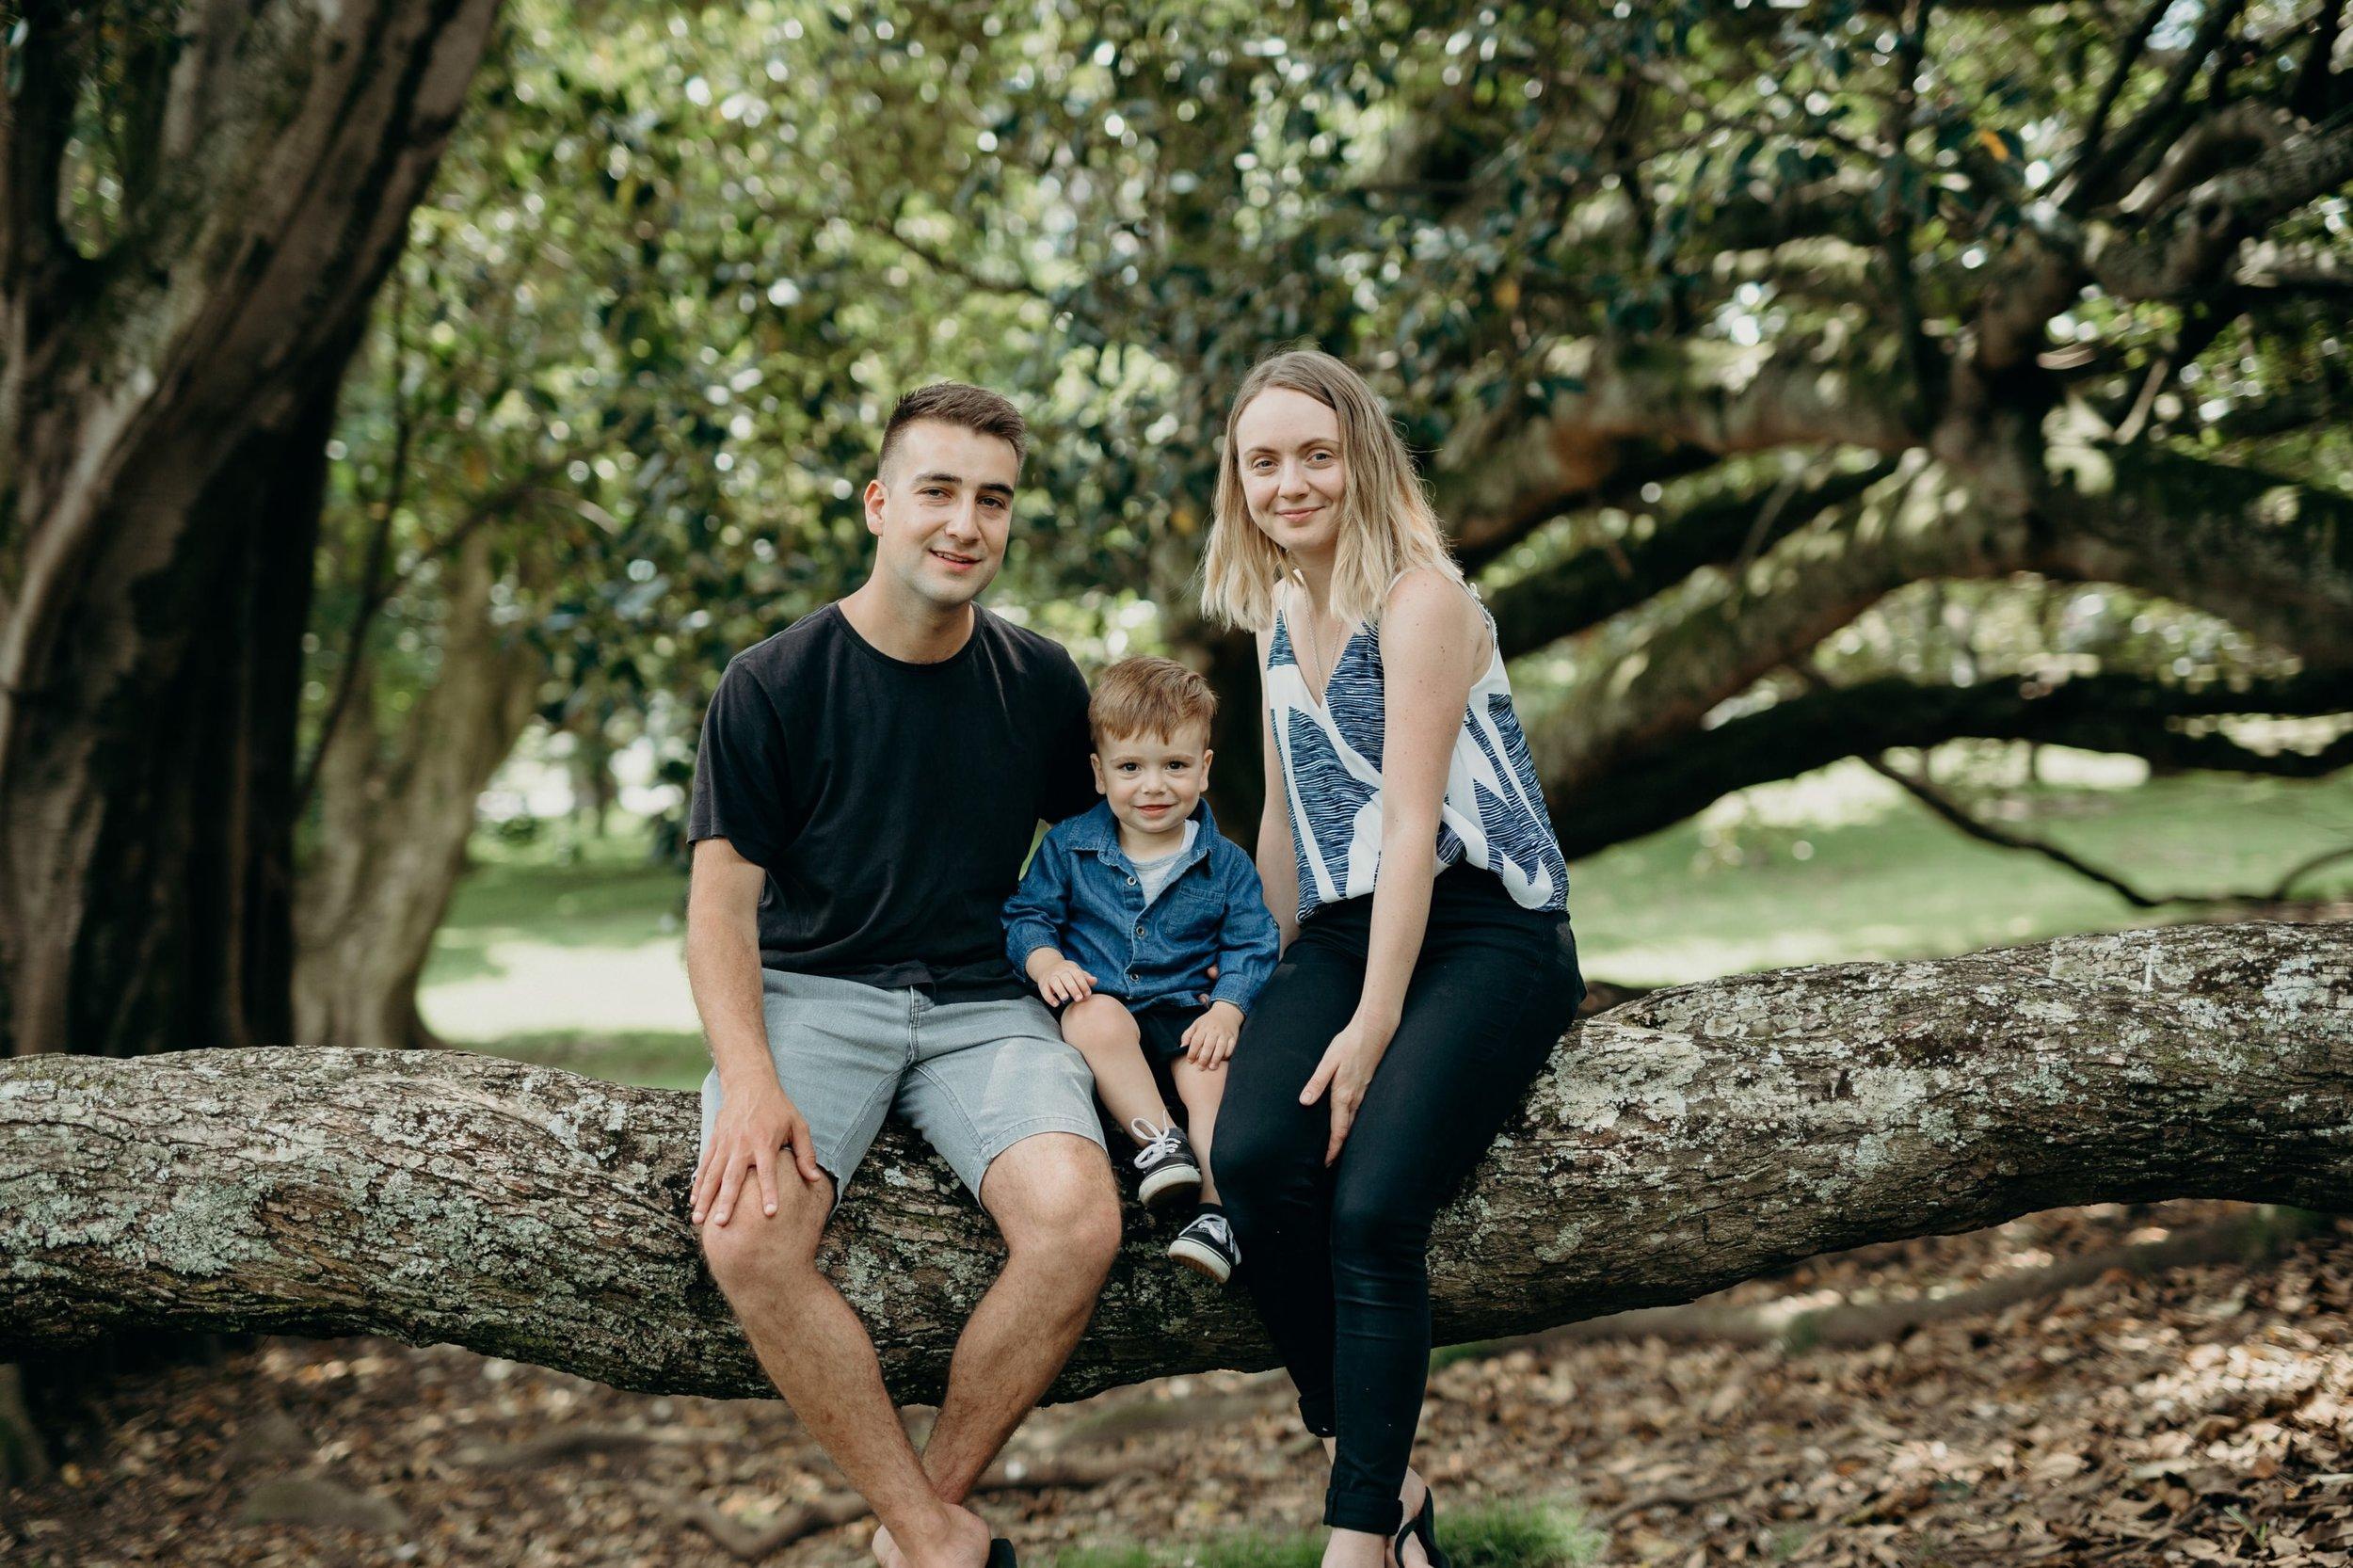 familyphotos_181216_76.jpg